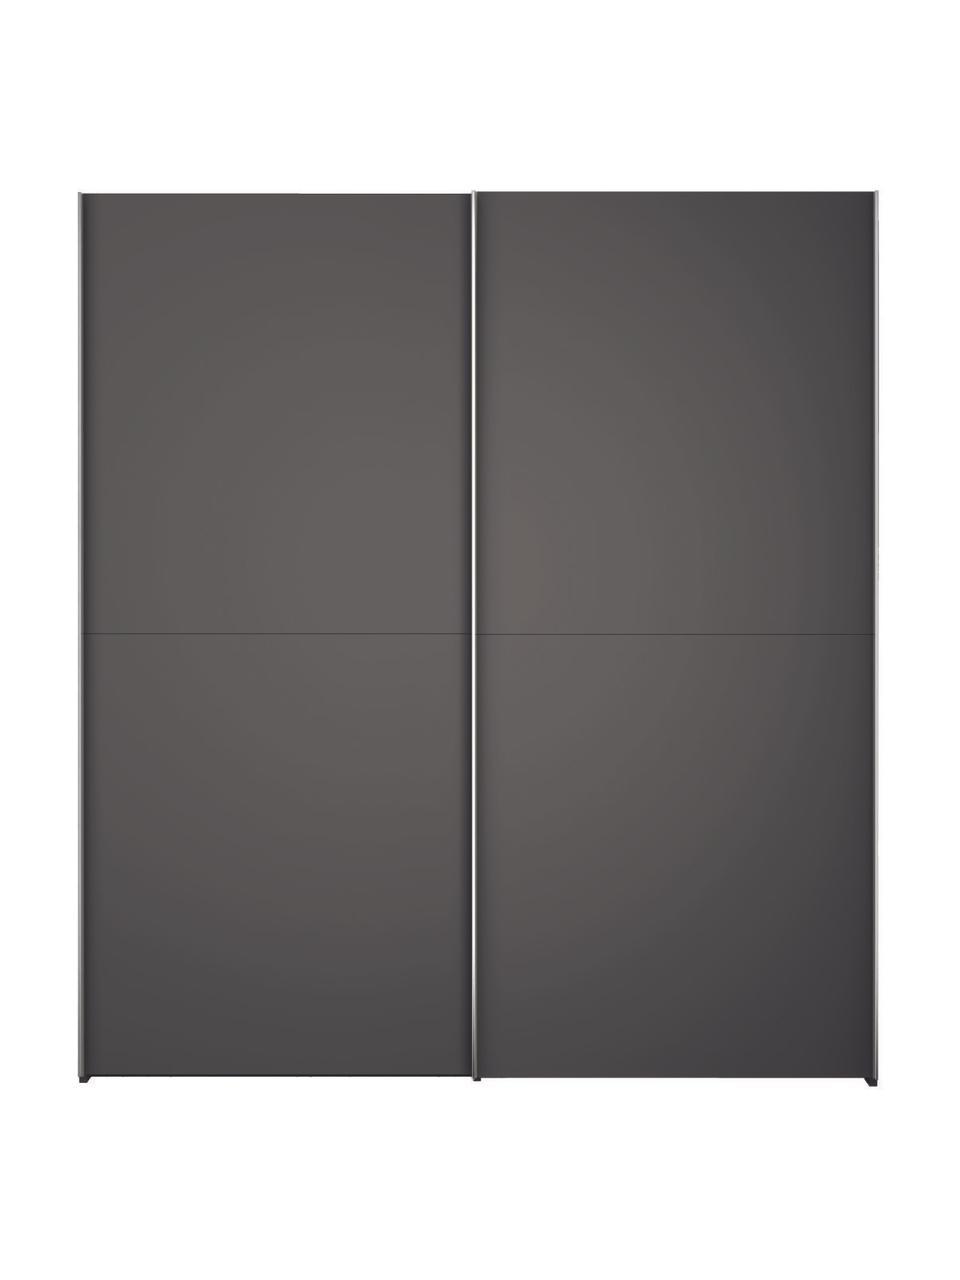 Donkergrijze kledingkast Oliver met schuifdeuren, Frame: panelen op houtbasis, gel, Donkergrijs, 202 x 225 cm